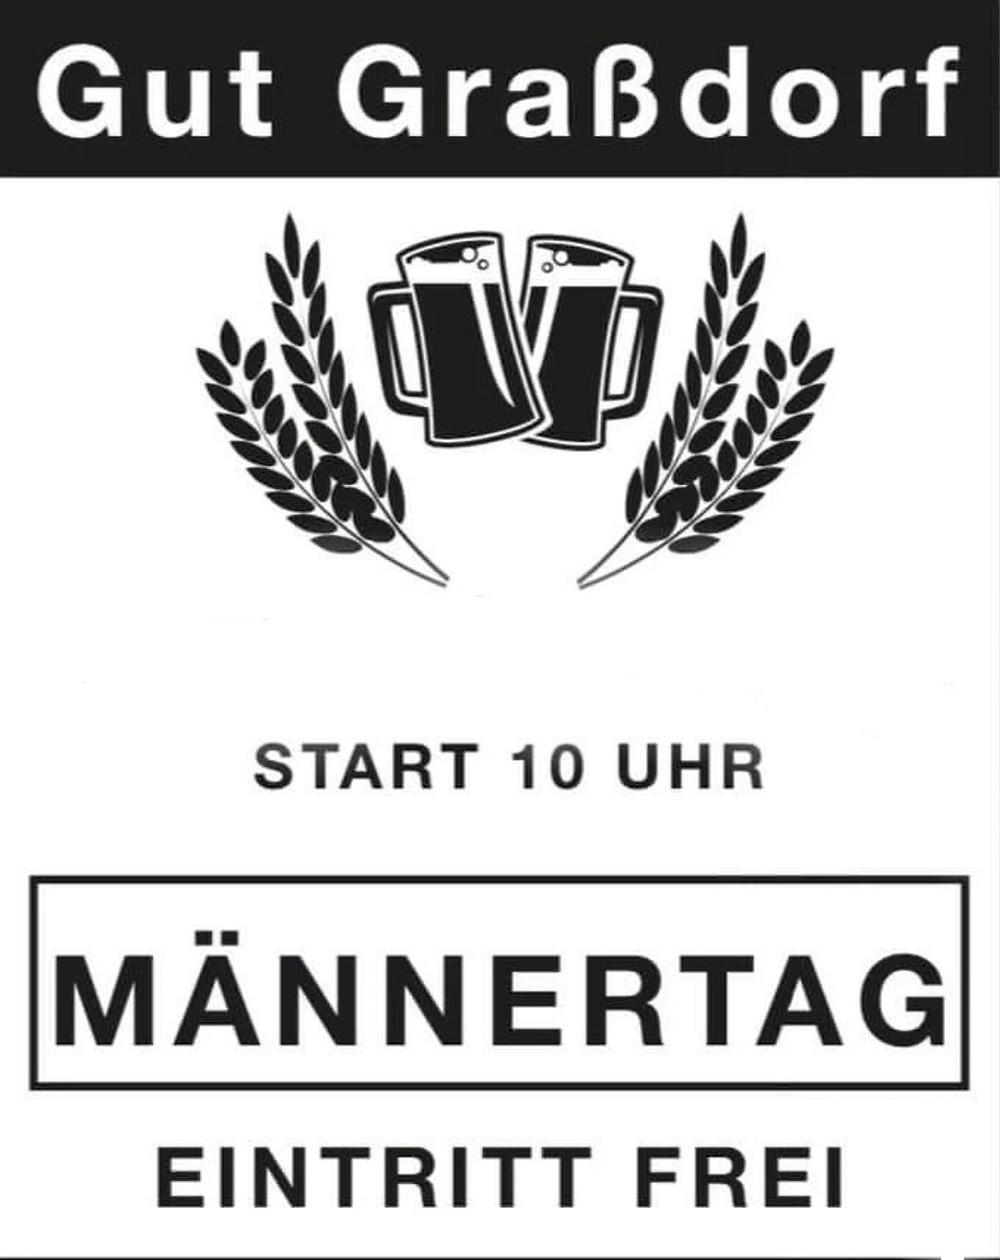 Männertag Gut Grassdorf Taucha